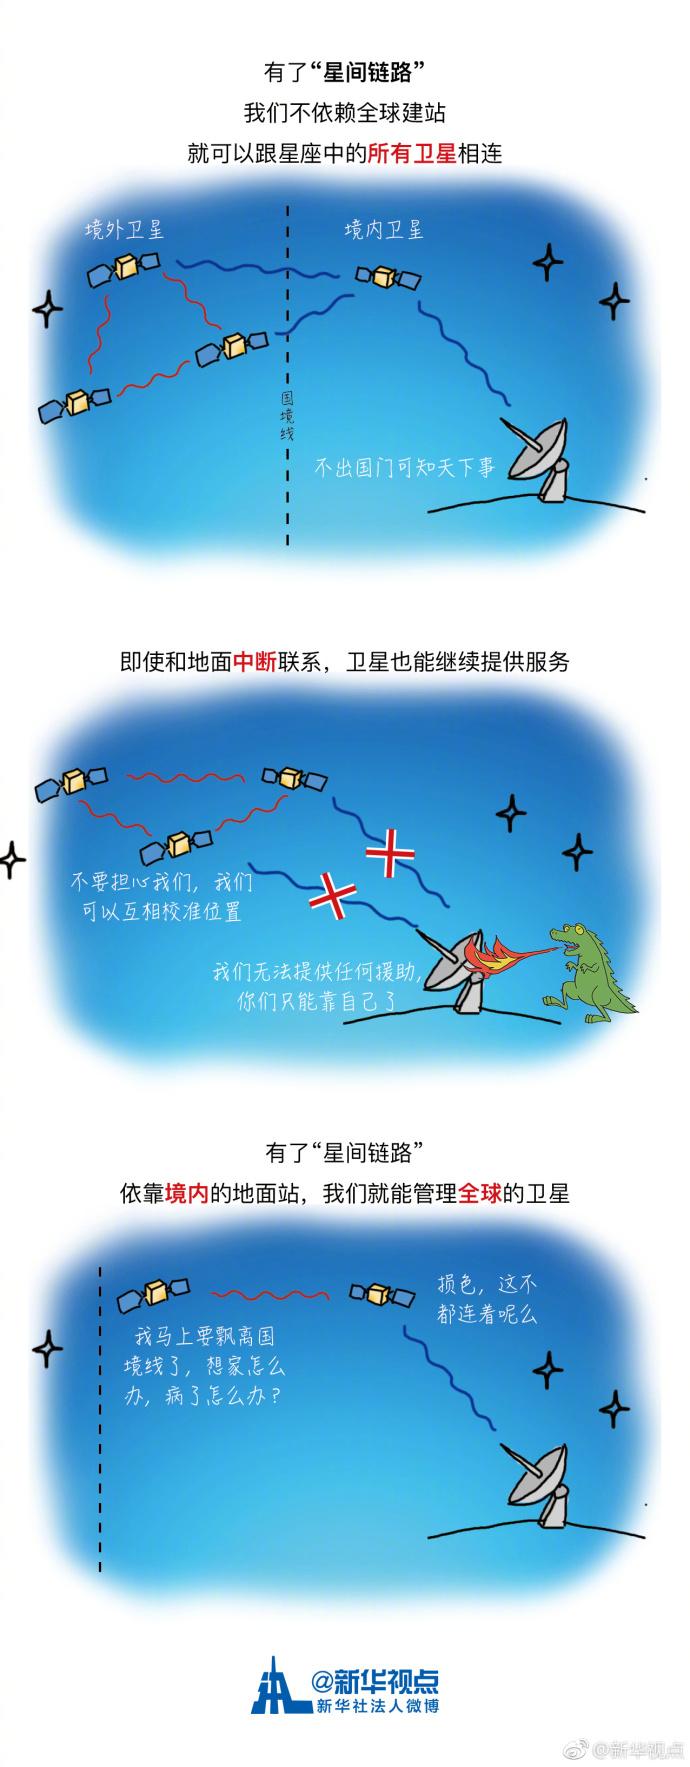 http://news.xinhuanet.com/tech/2017-11/06/1121910089_15099304244721n.jpg